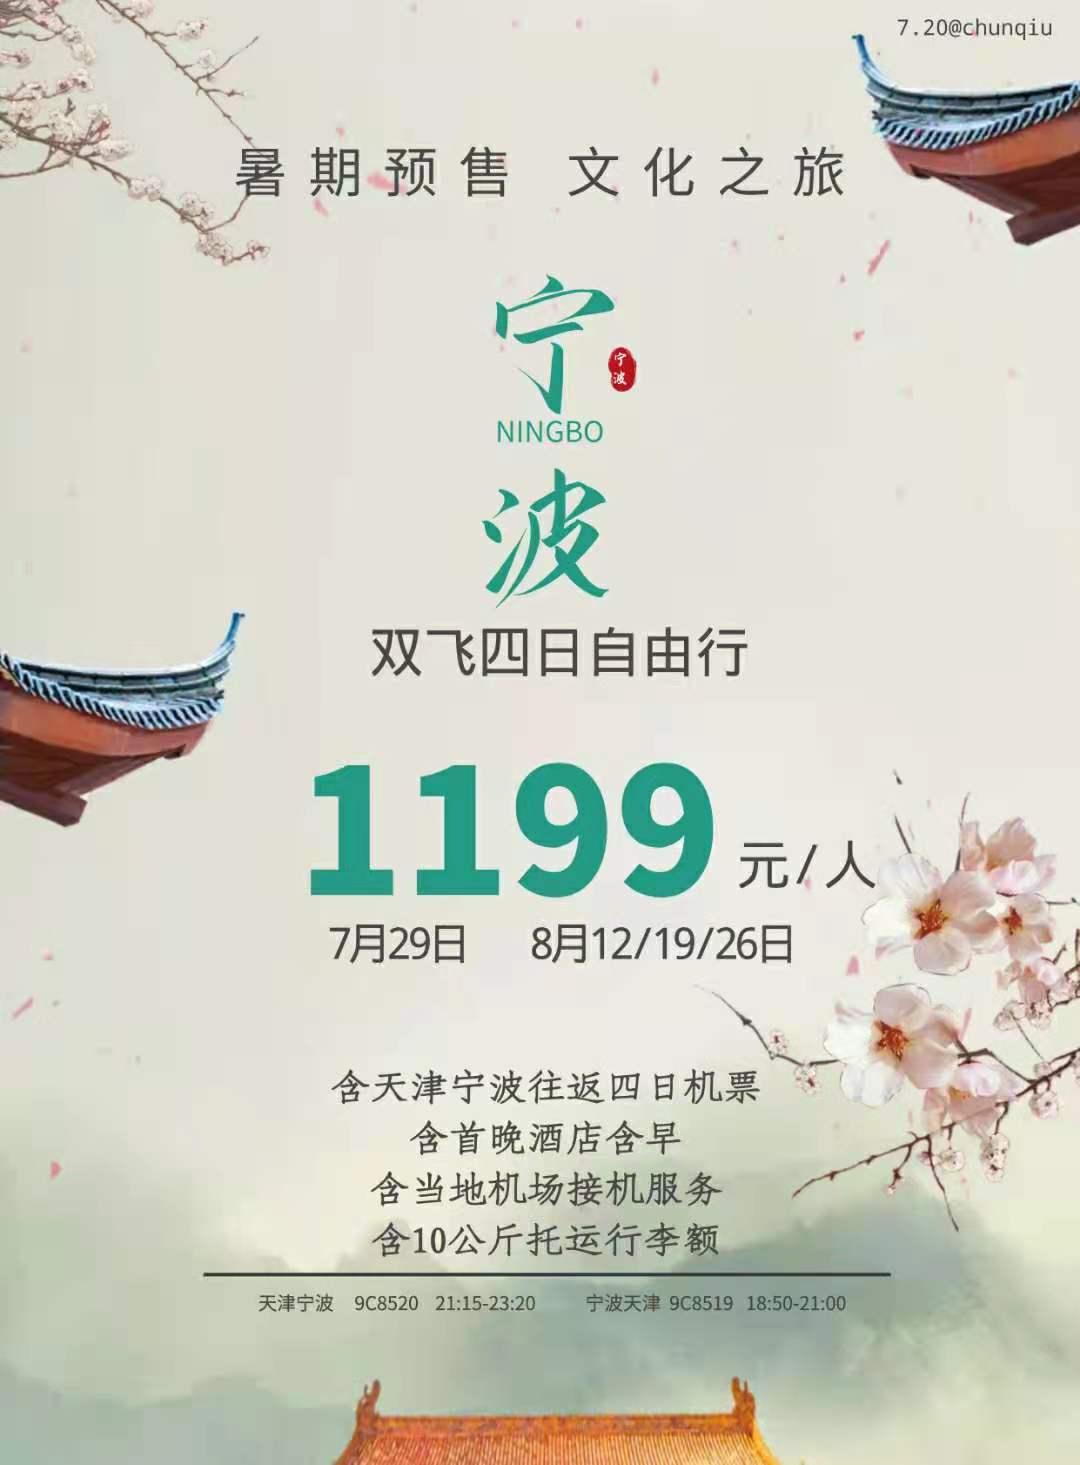 宁波文化之旅